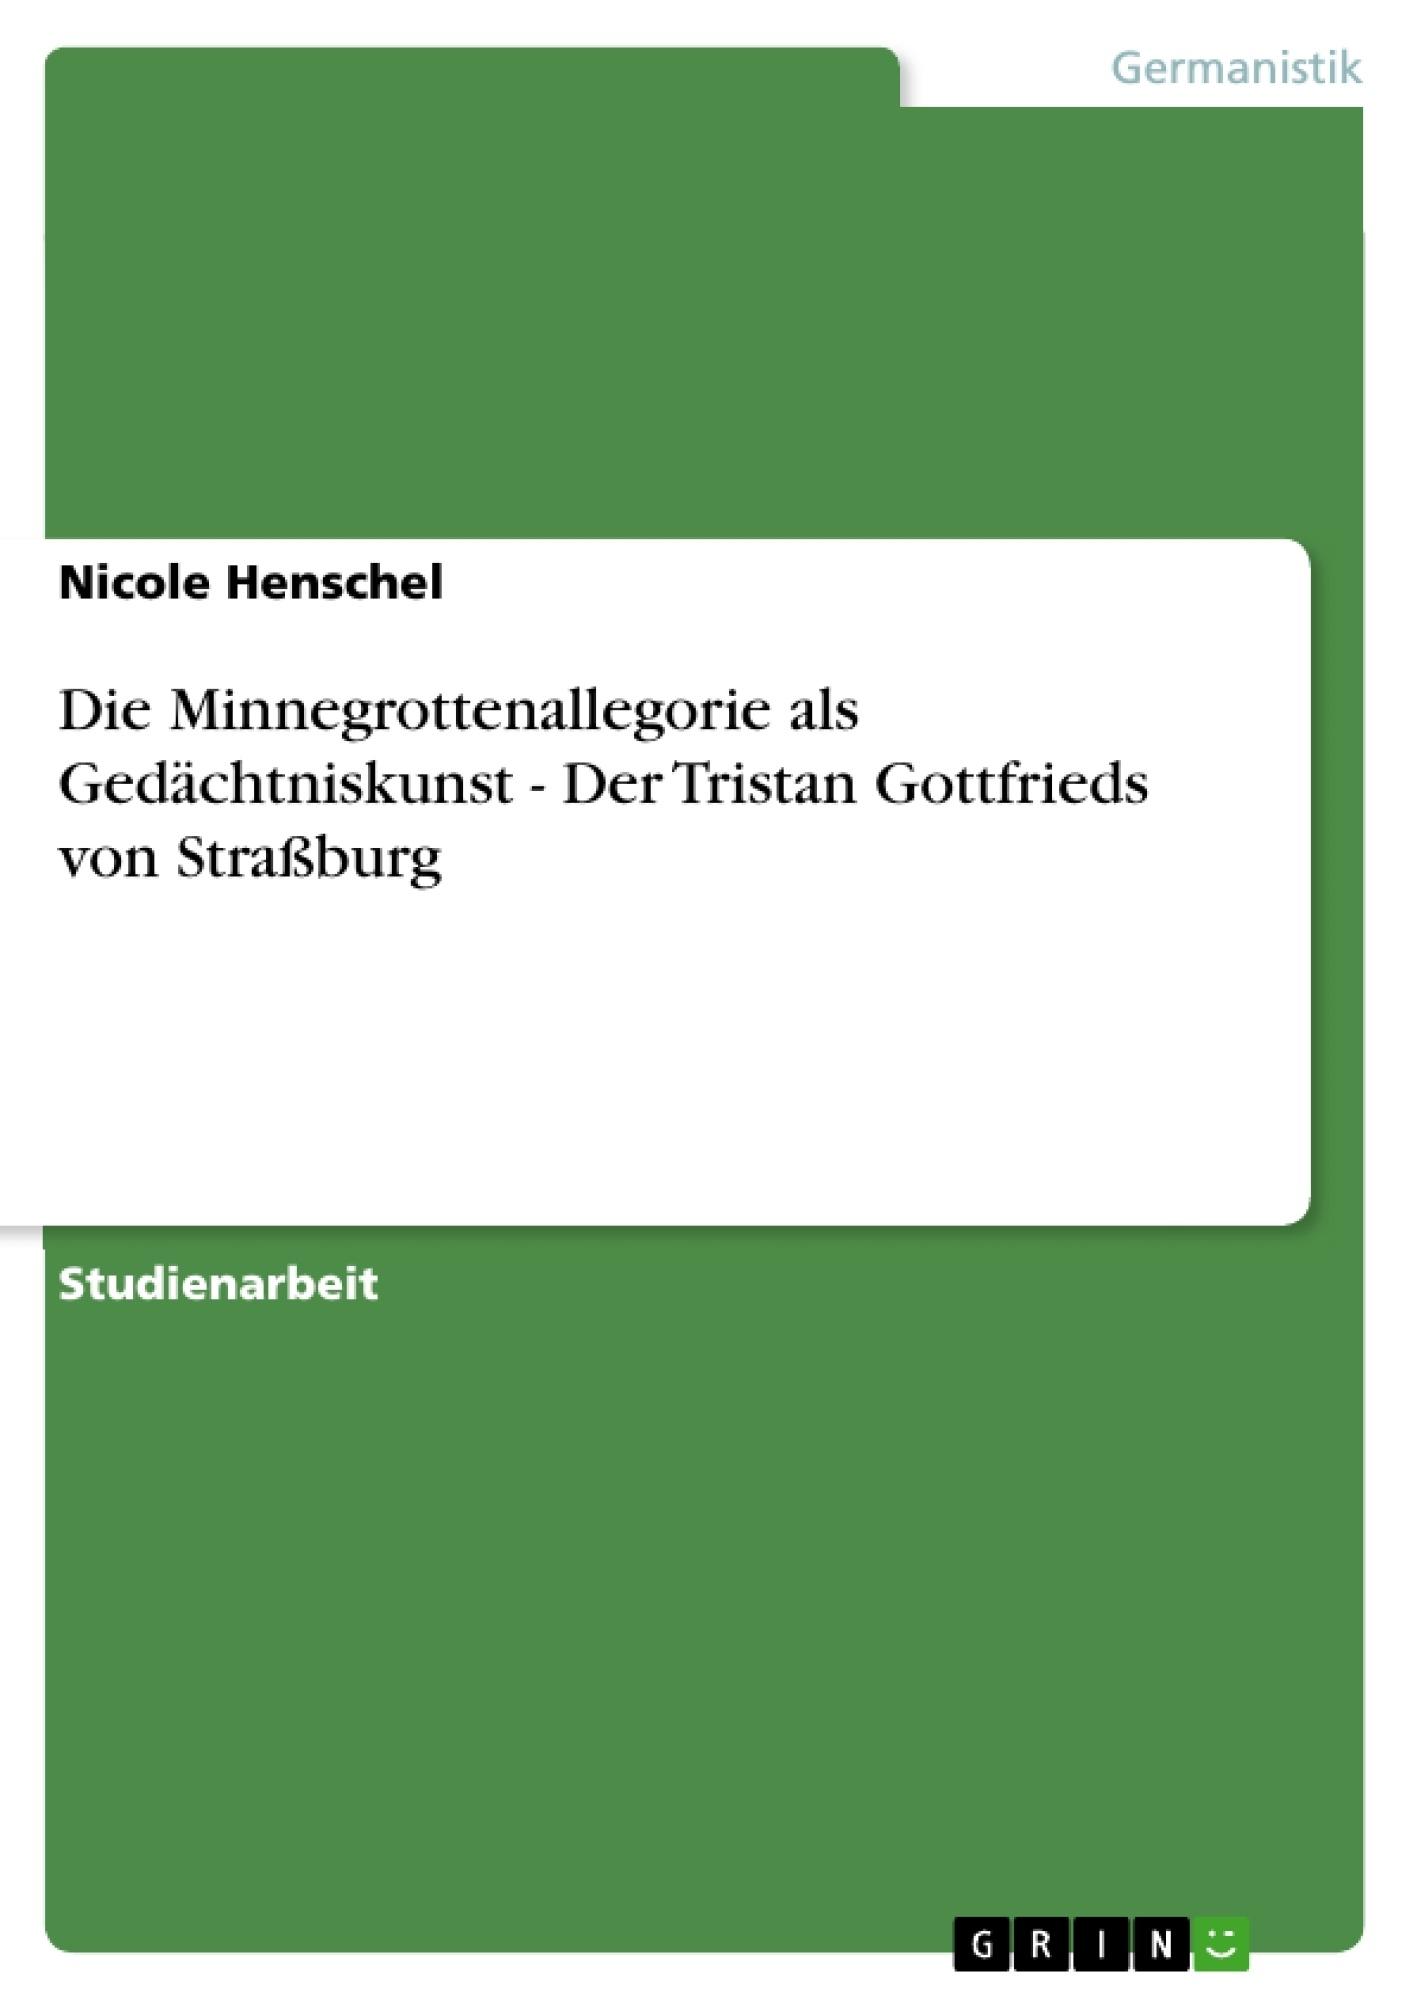 Titel: Die Minnegrottenallegorie als Gedächtniskunst - Der Tristan Gottfrieds von Straßburg